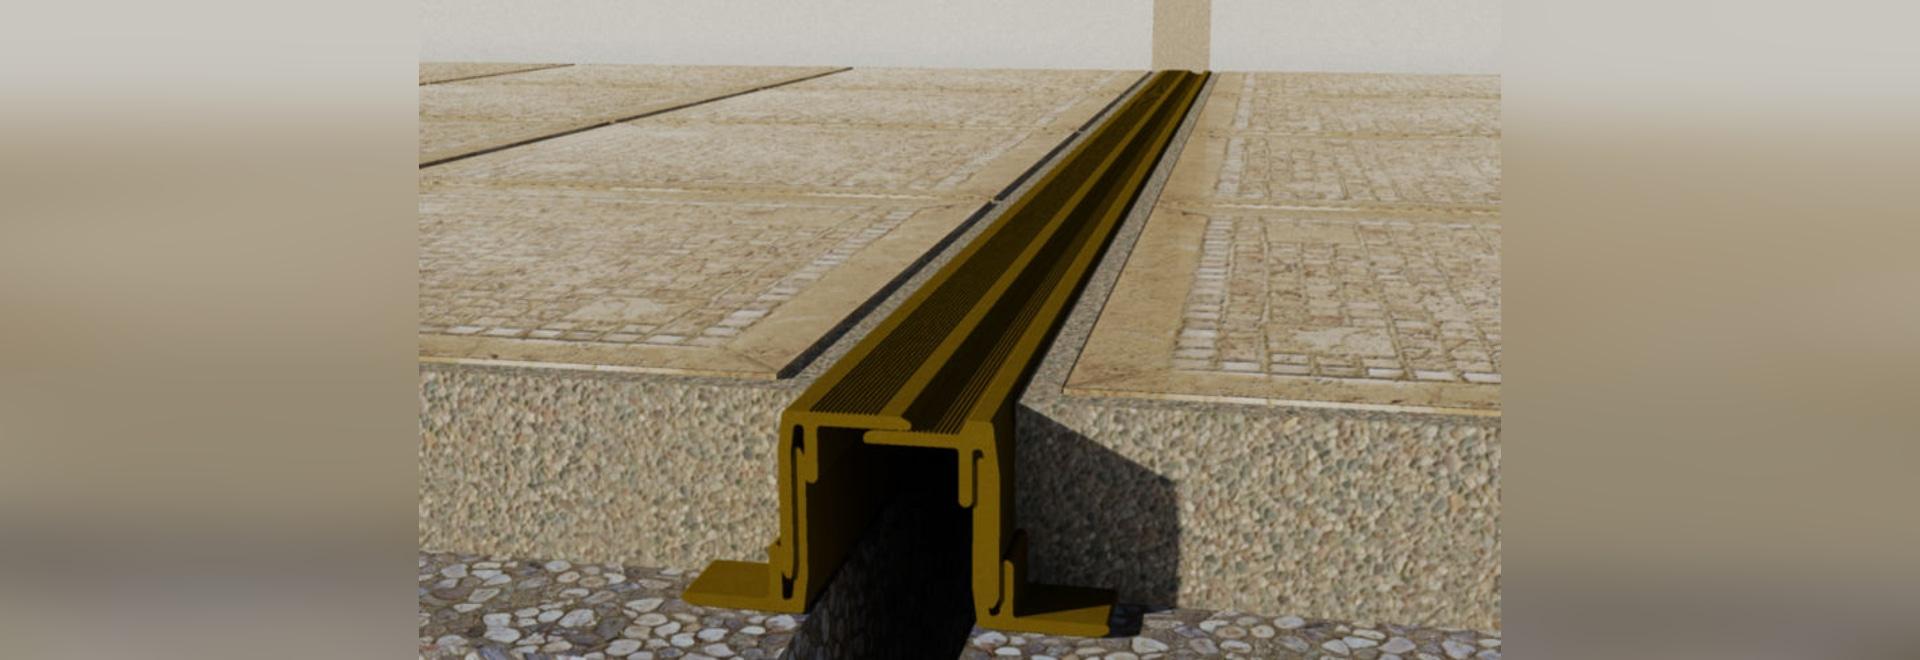 NUEVO: junta de dilatación del piso de Deflex